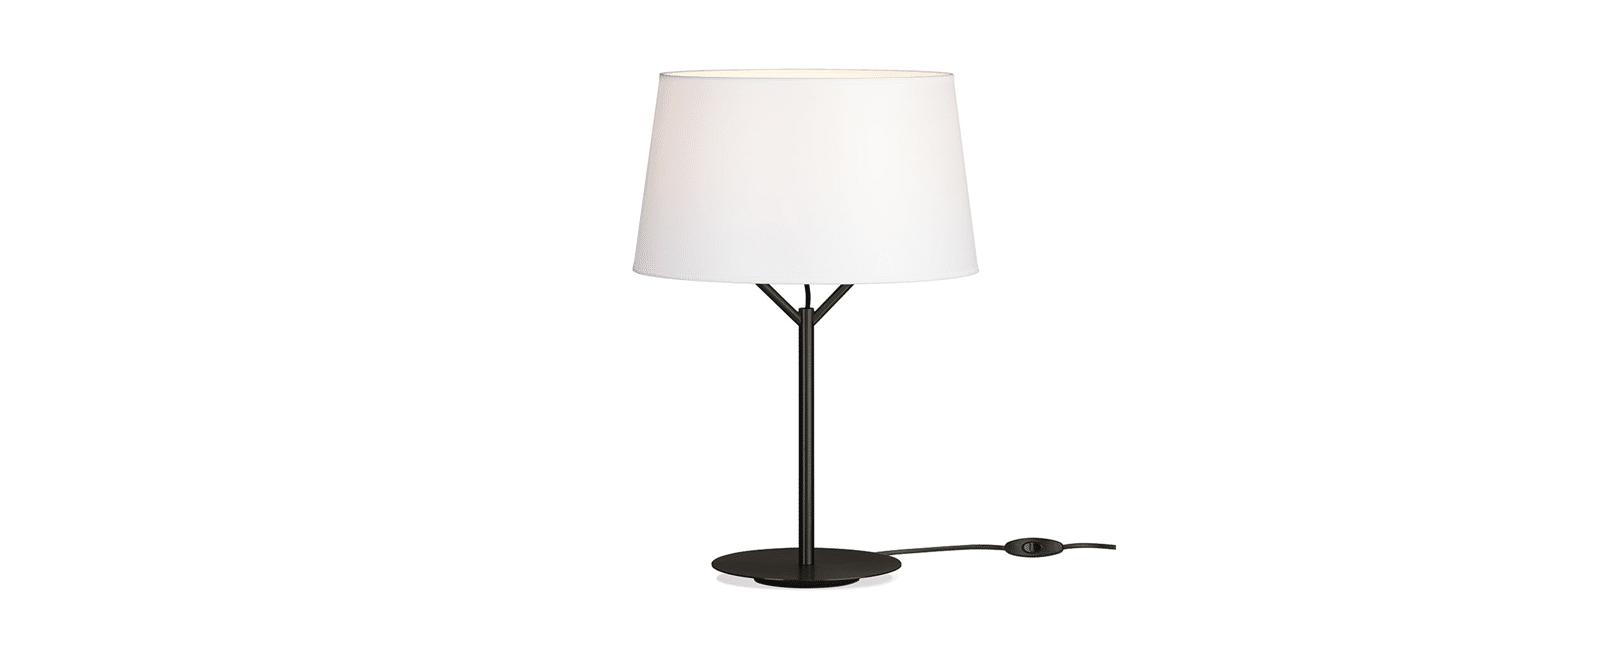 lamparas de diseño para tu hogar en estudio ambiente